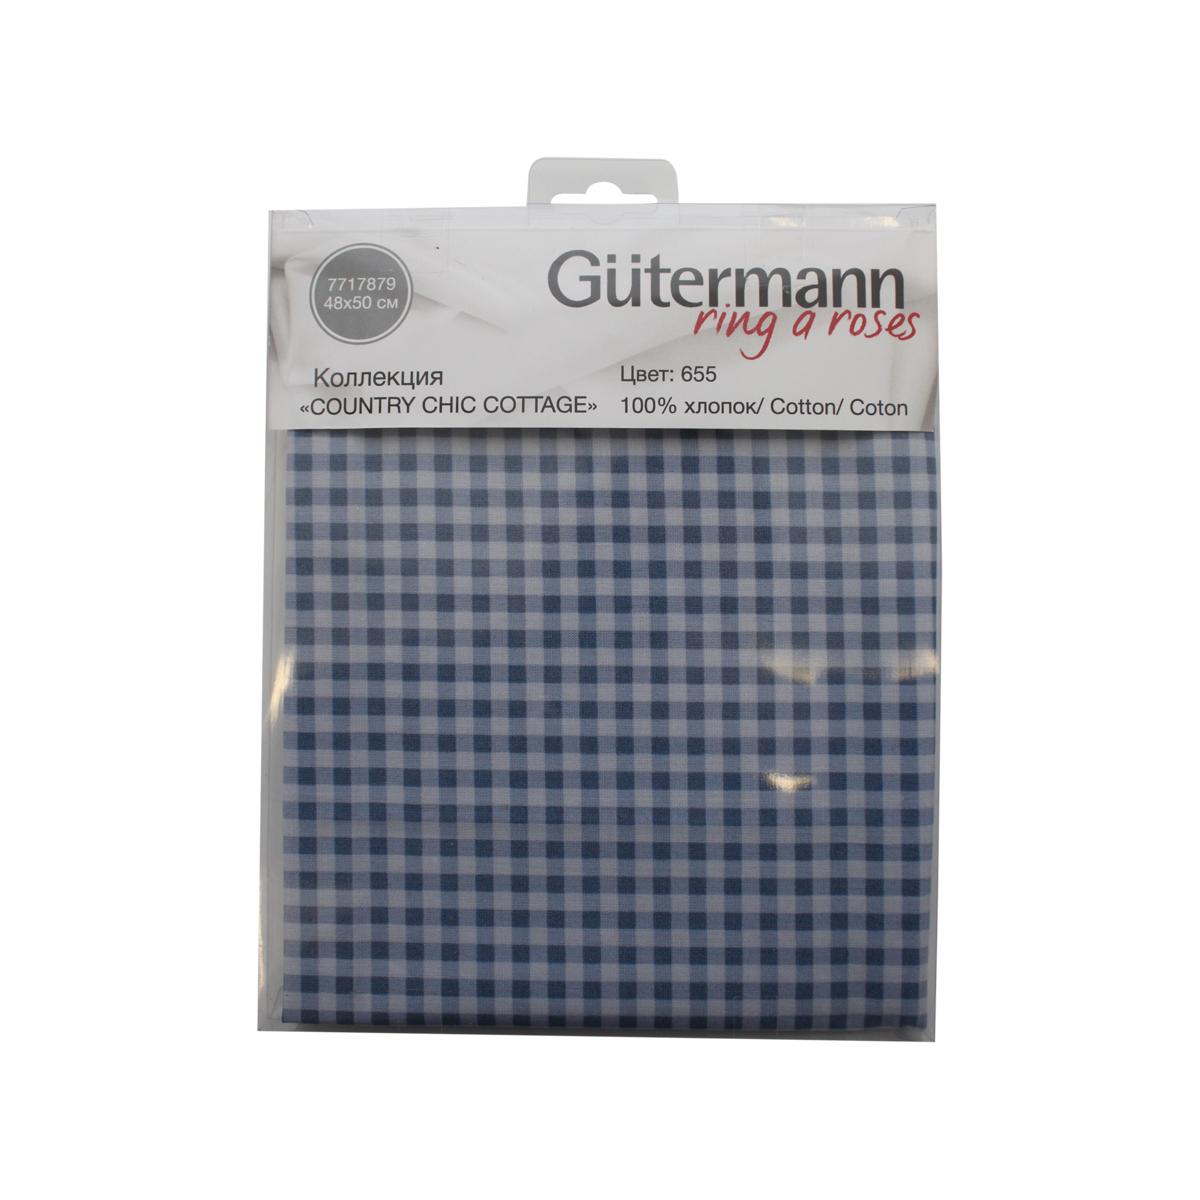 Ткань Gutermann Country Chic Cottage, 48 х 50 см. 649368_6557717879-655Хлопковая ткань от Gutermann (Гутерманн) выполнена из 100% натурального материала, идеально подойдет для шитья одежды, постельного белья, декорирования. Ткань не линяет, не осыпается по краям и не дает усадки.